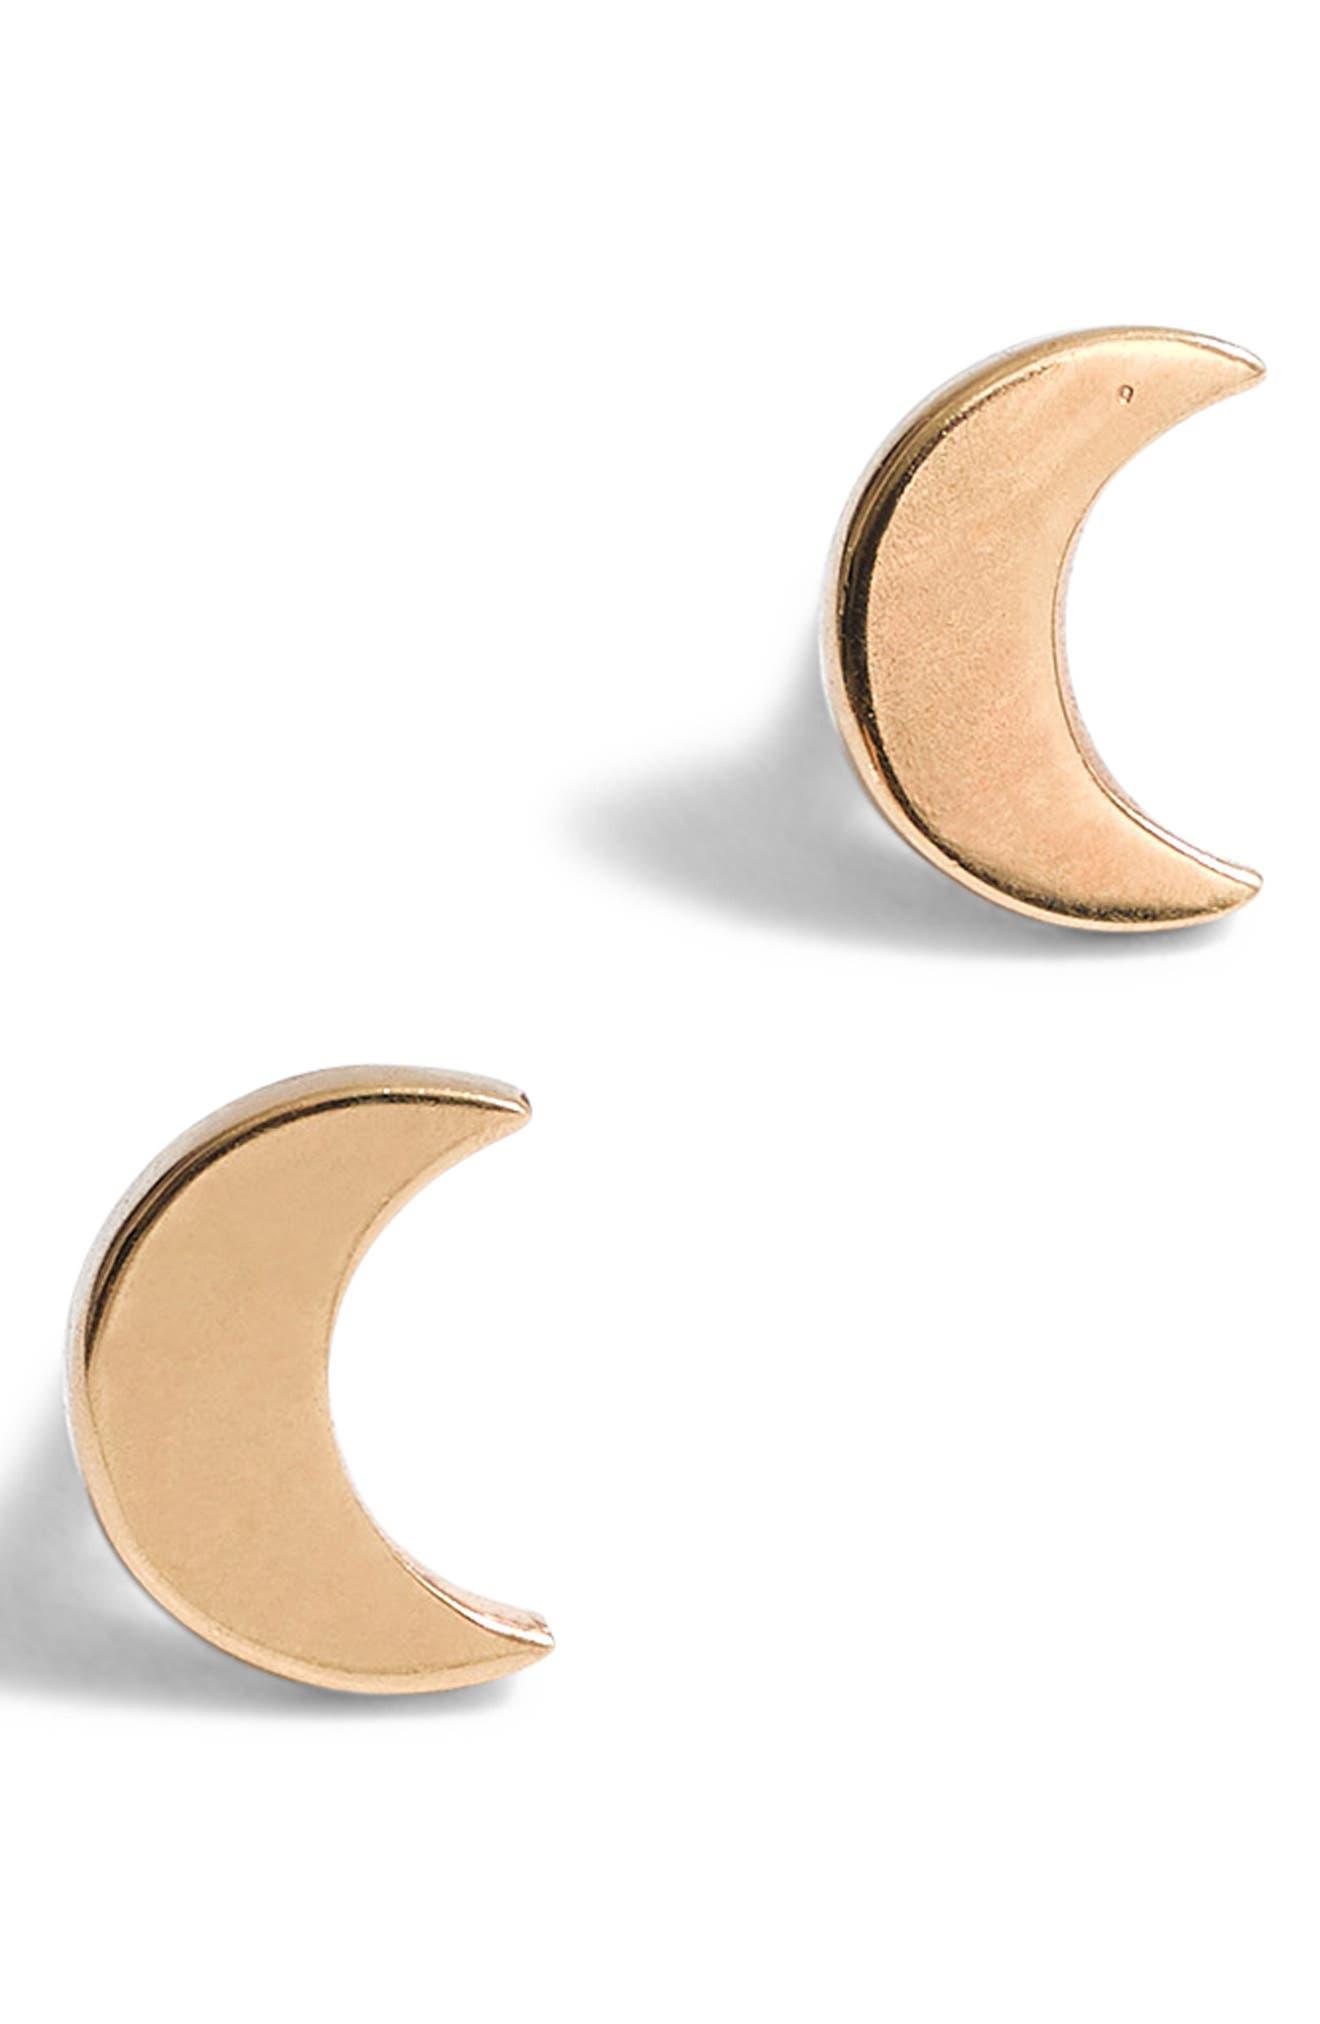 Vermeil Crescent Moon Stud Earrings,                             Main thumbnail 1, color,                             VERMEIL